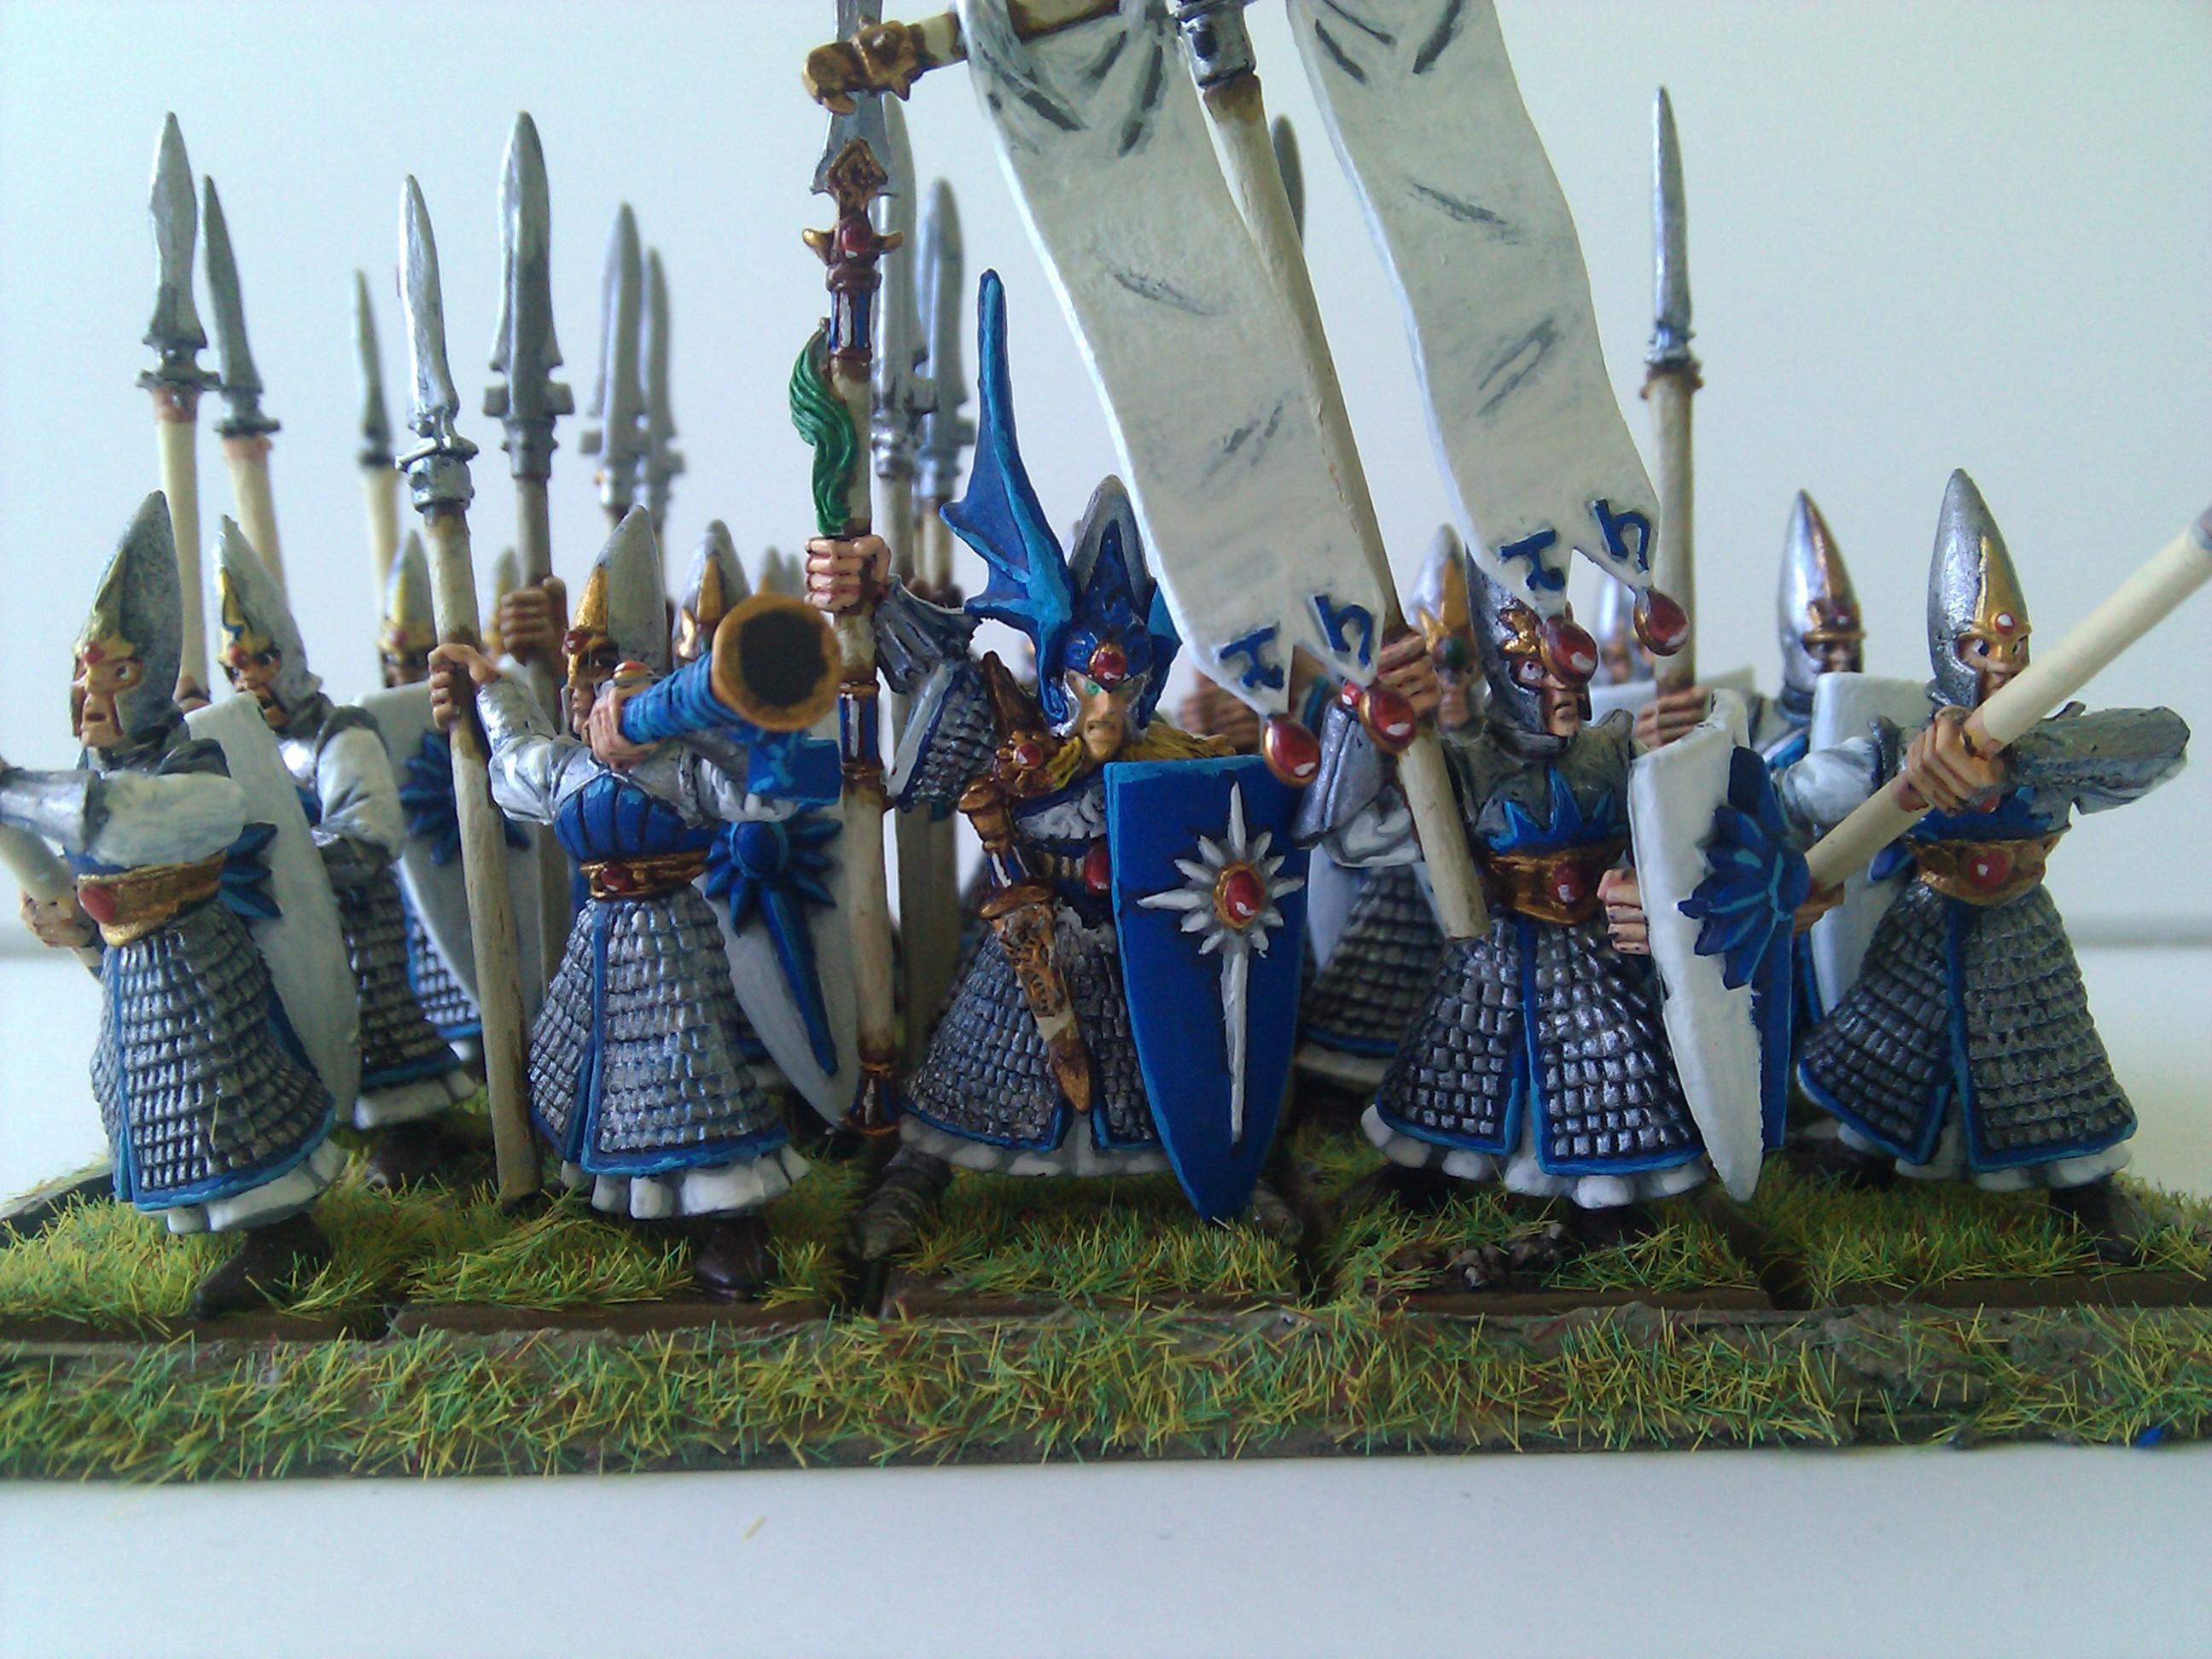 High Elves, Spearman, Spearmen, Warhammer Fantasy